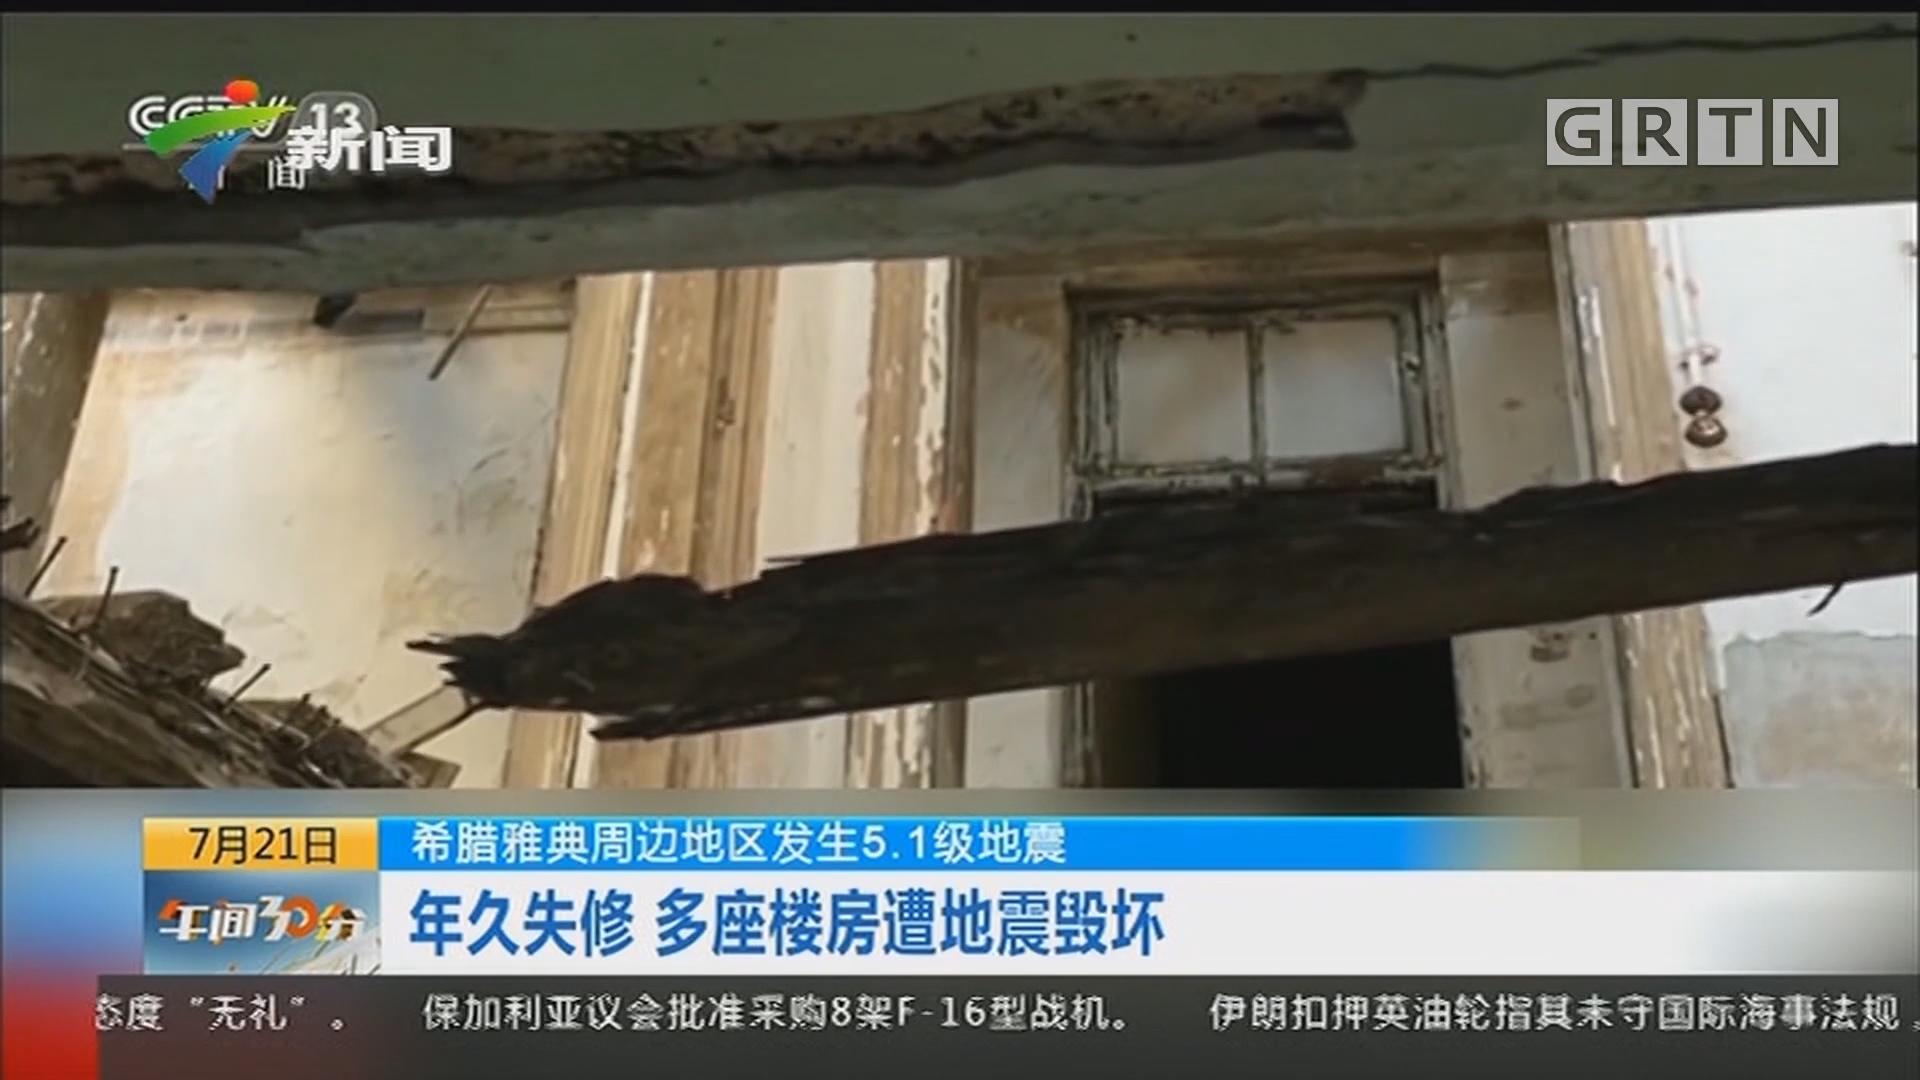 希腊雅典周边地区发生5.1级地震:年久失修 多座楼房遭地震毁坏